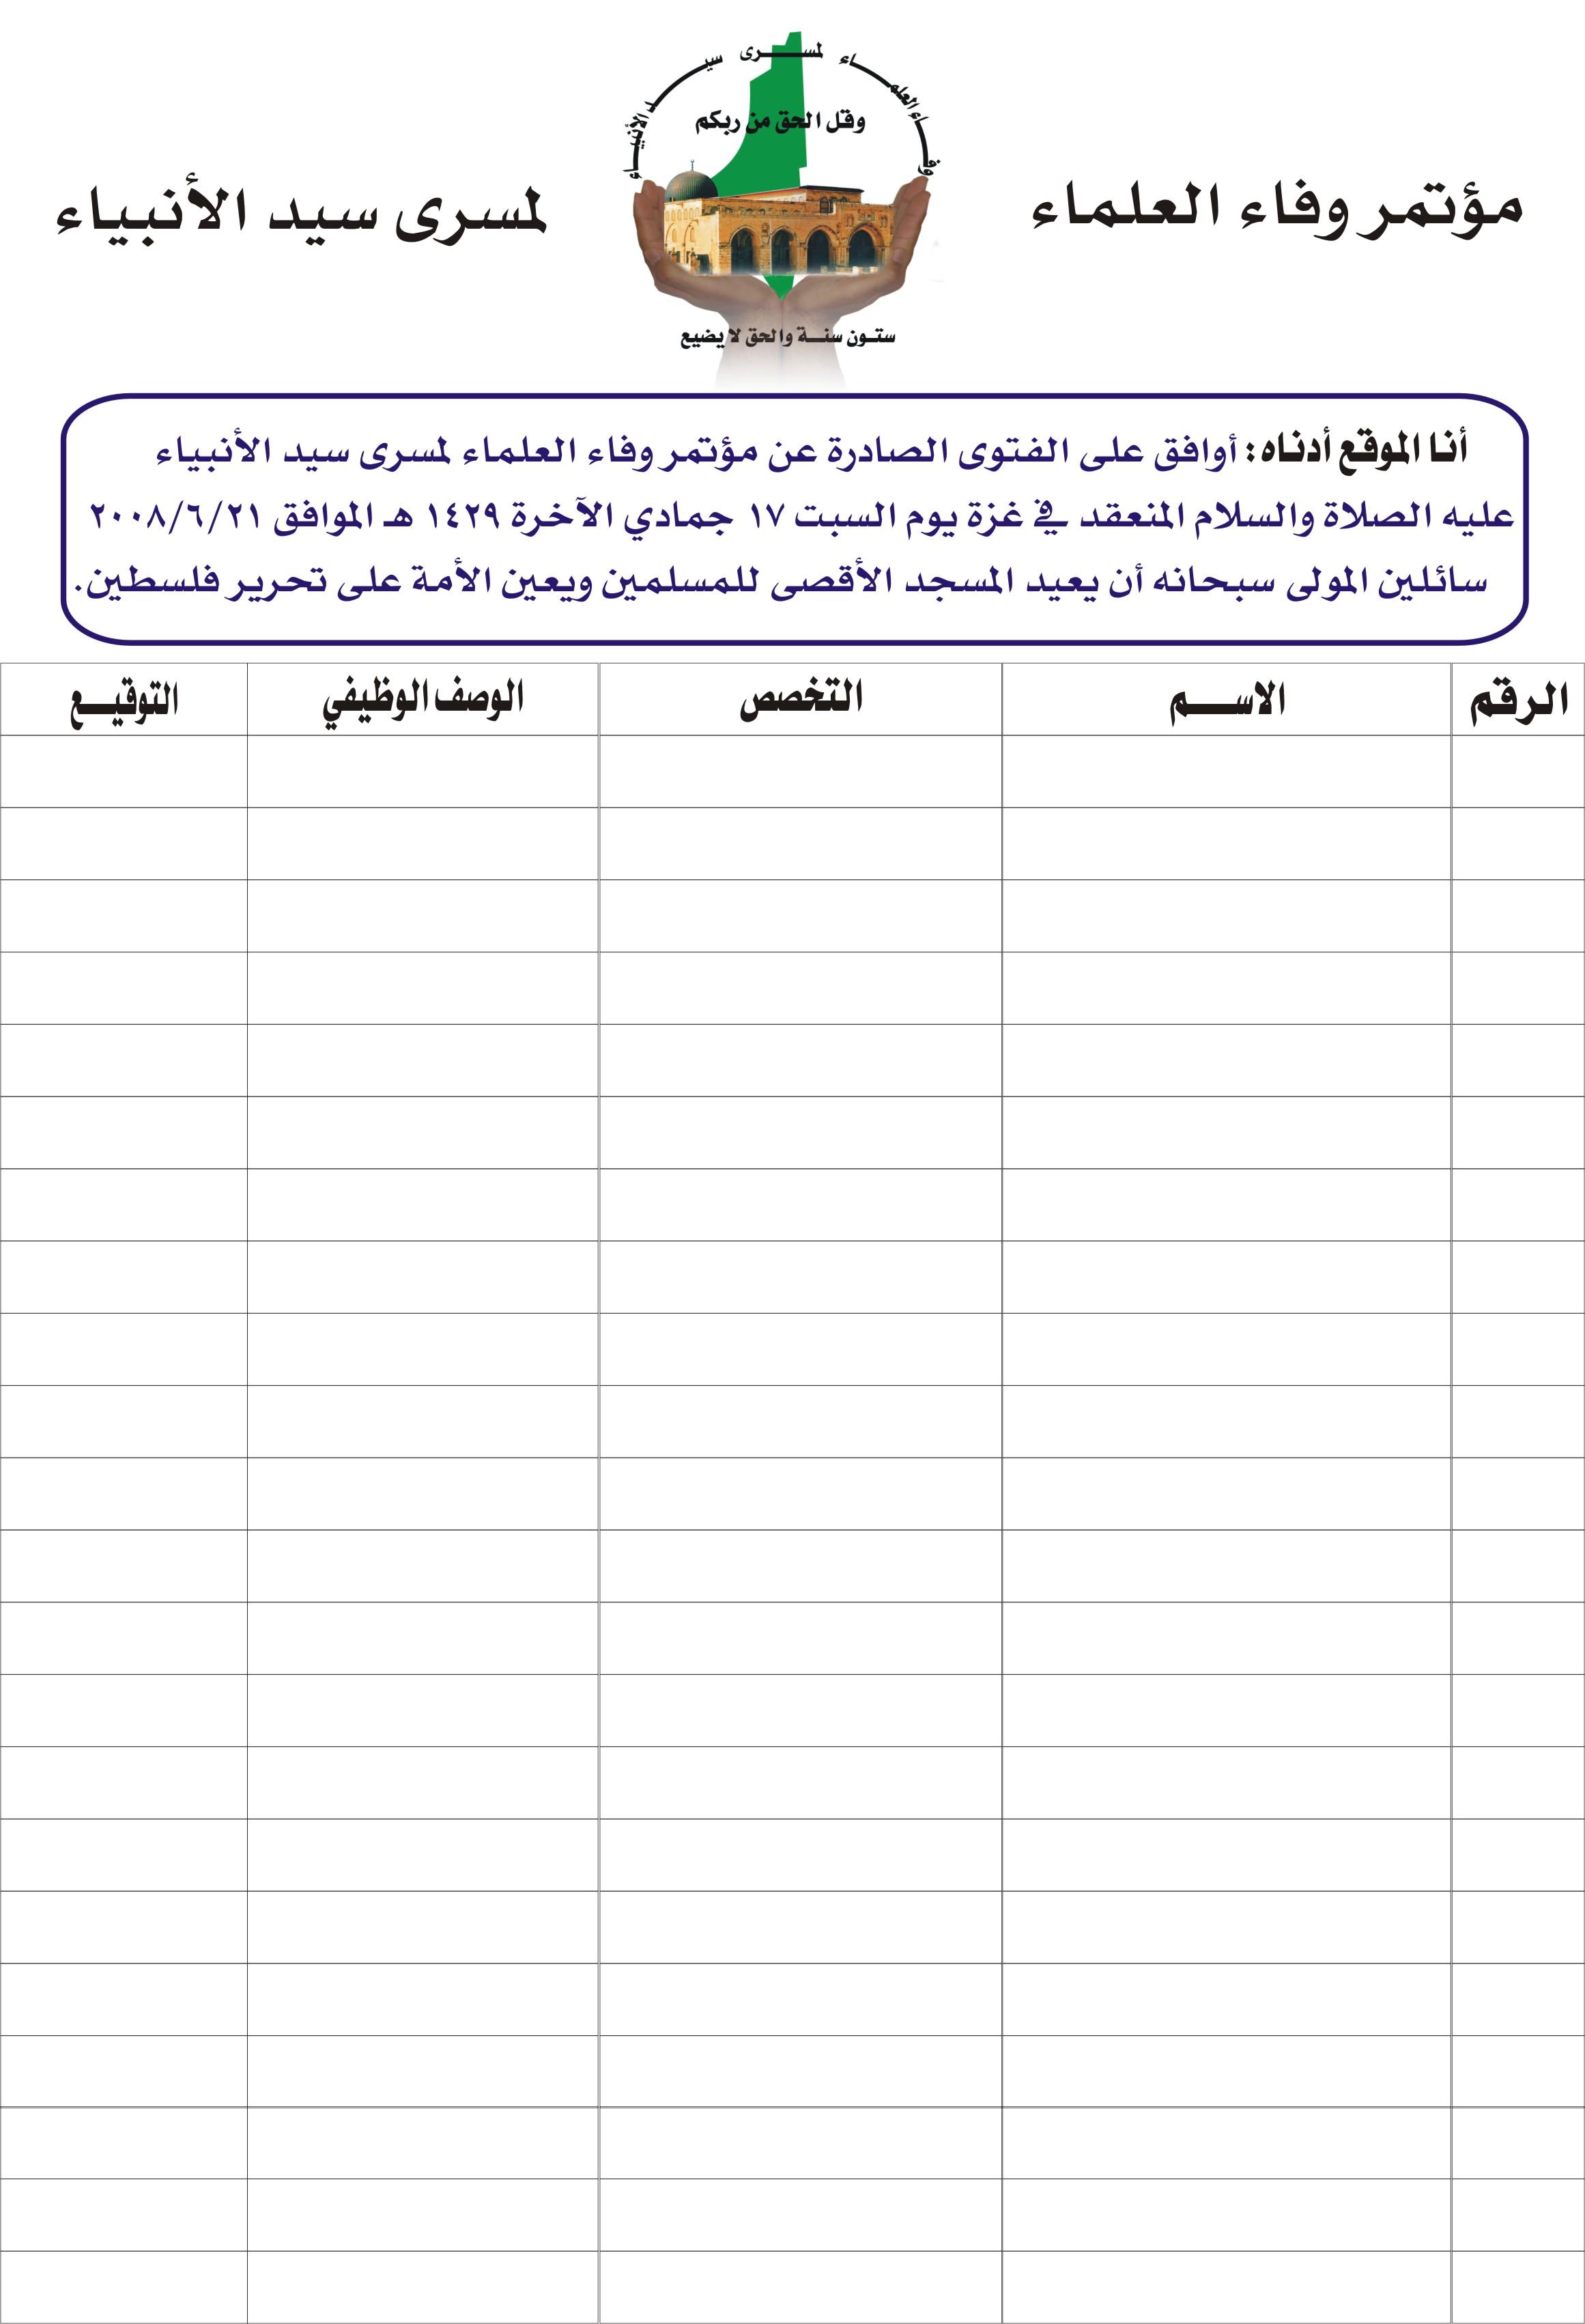 دعوة لمشاركة رابطة علماء فلسطين في الفتاوى الصادرة عنهم - ـ